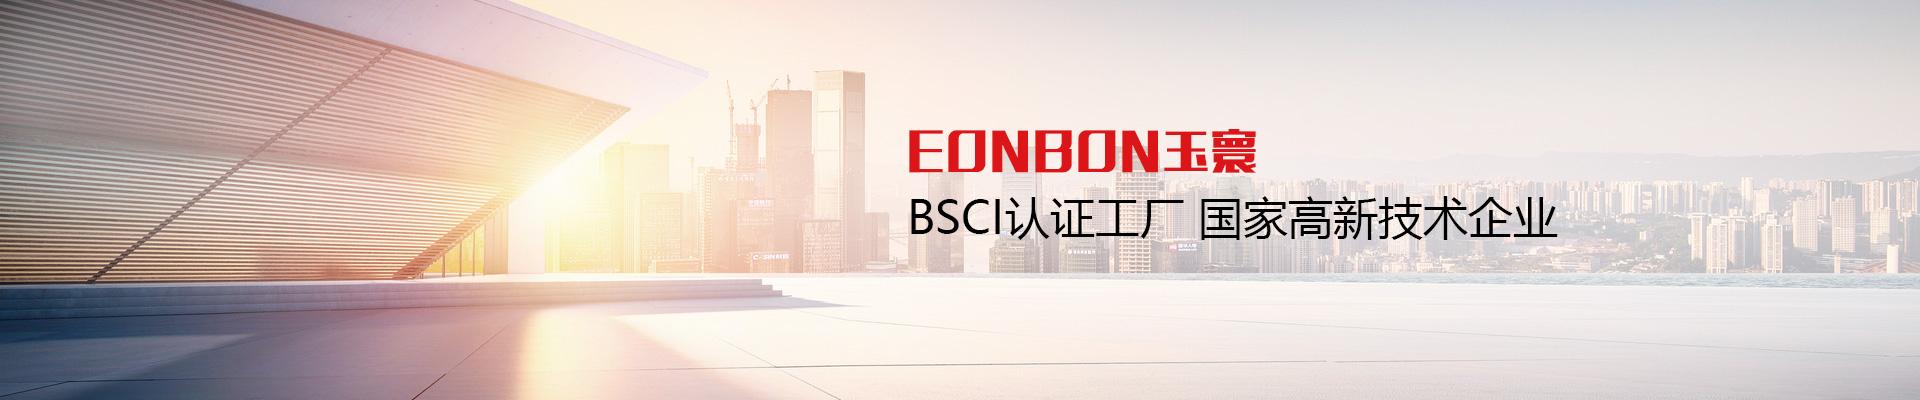 玉寰胶带BSCI认证工厂、国家高新技术企业